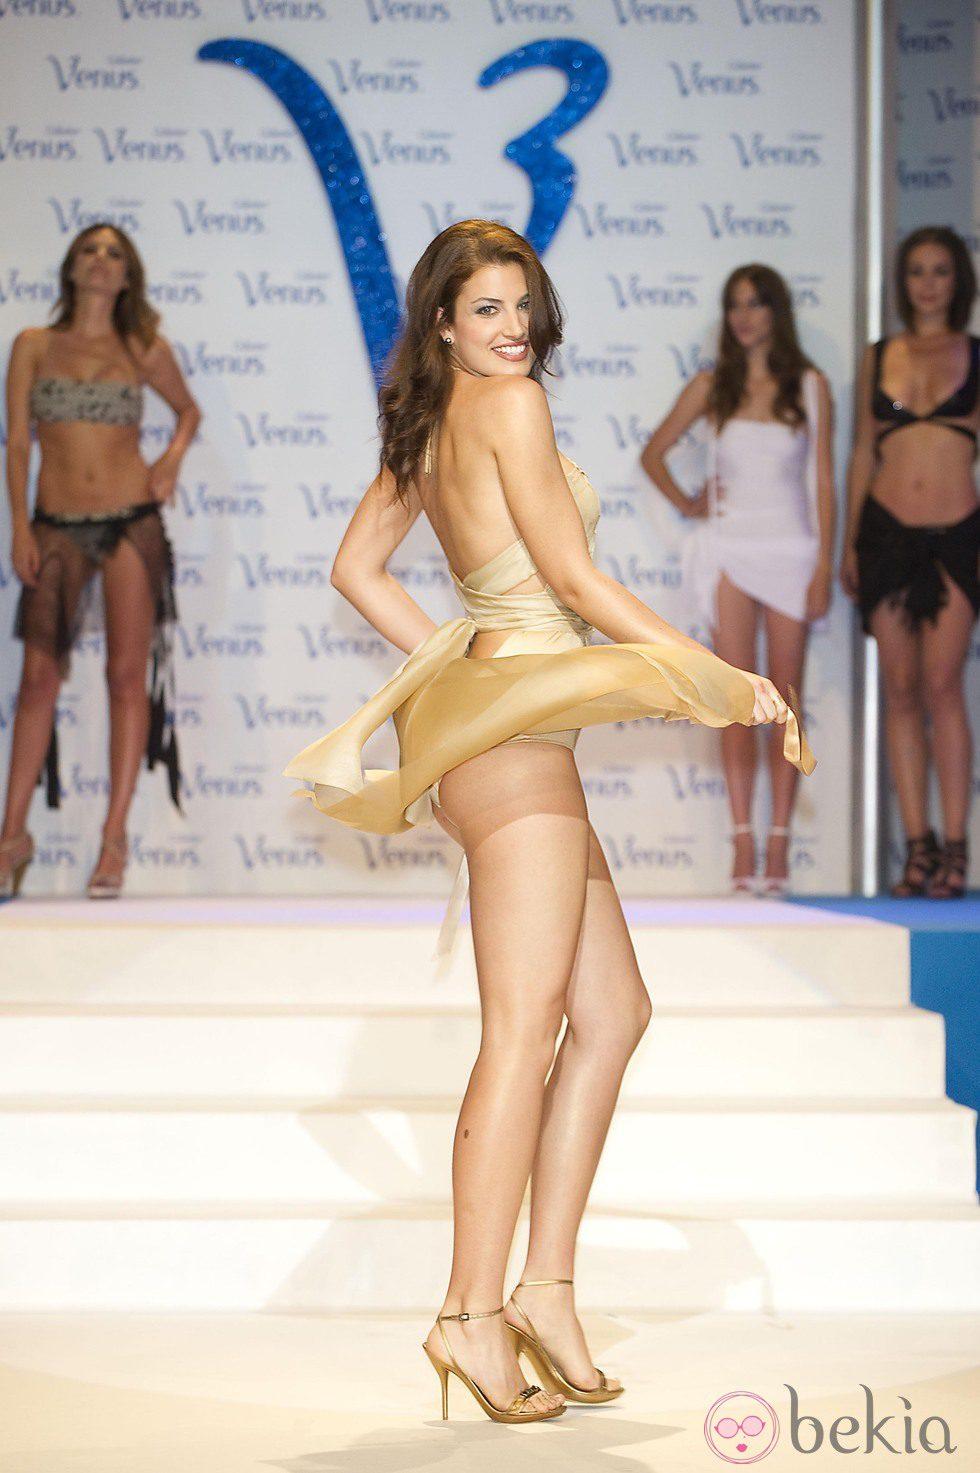 Paula Guilló desfilando en los Premios Venus de Diseño 2011